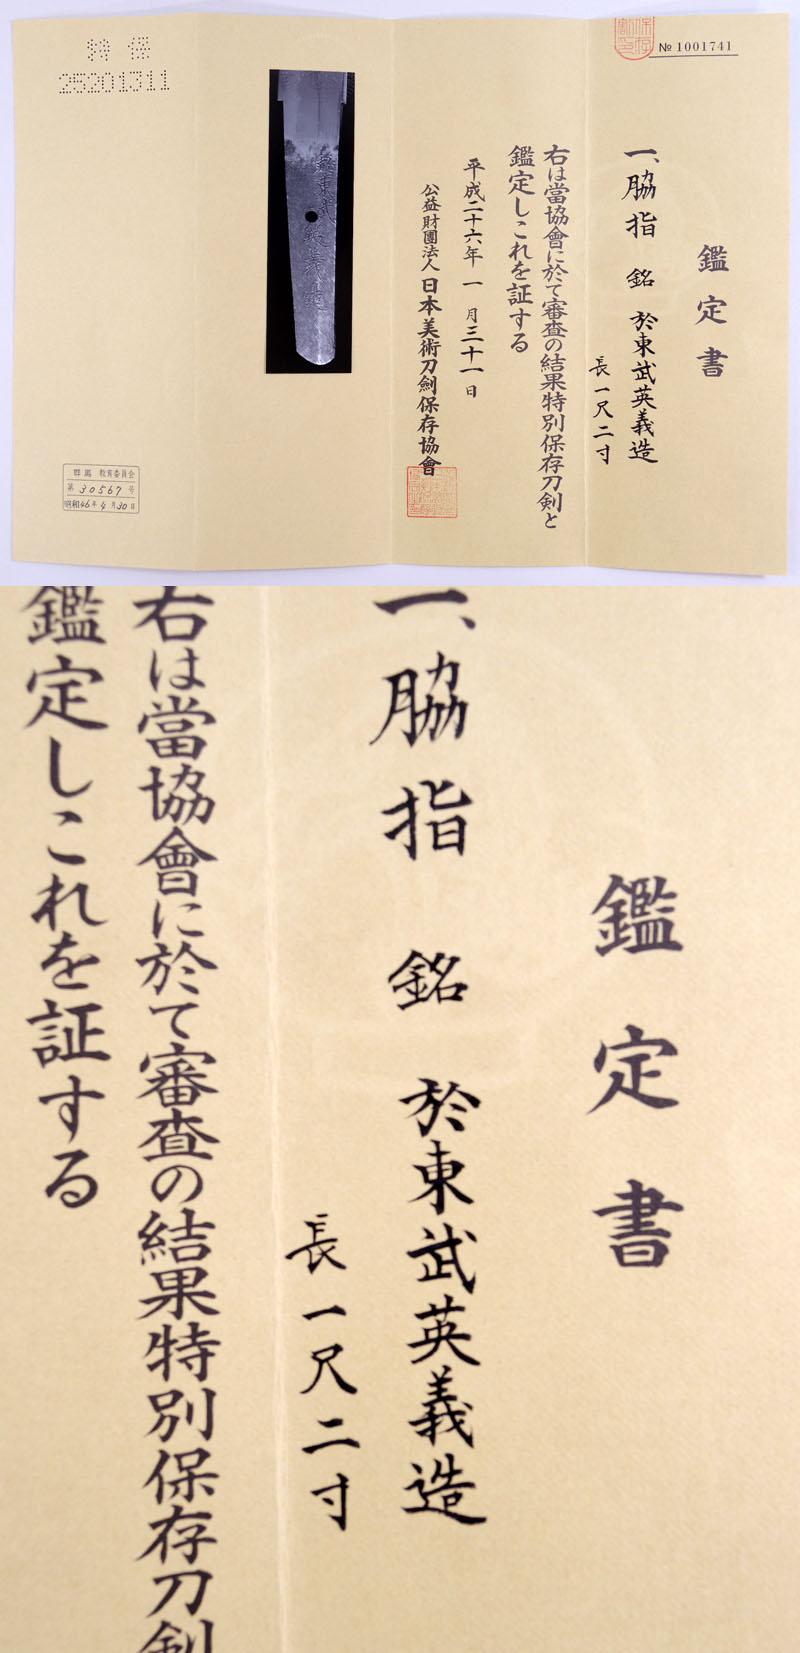 於東武英義造(藤枝太郎英義) Picture of Certificate